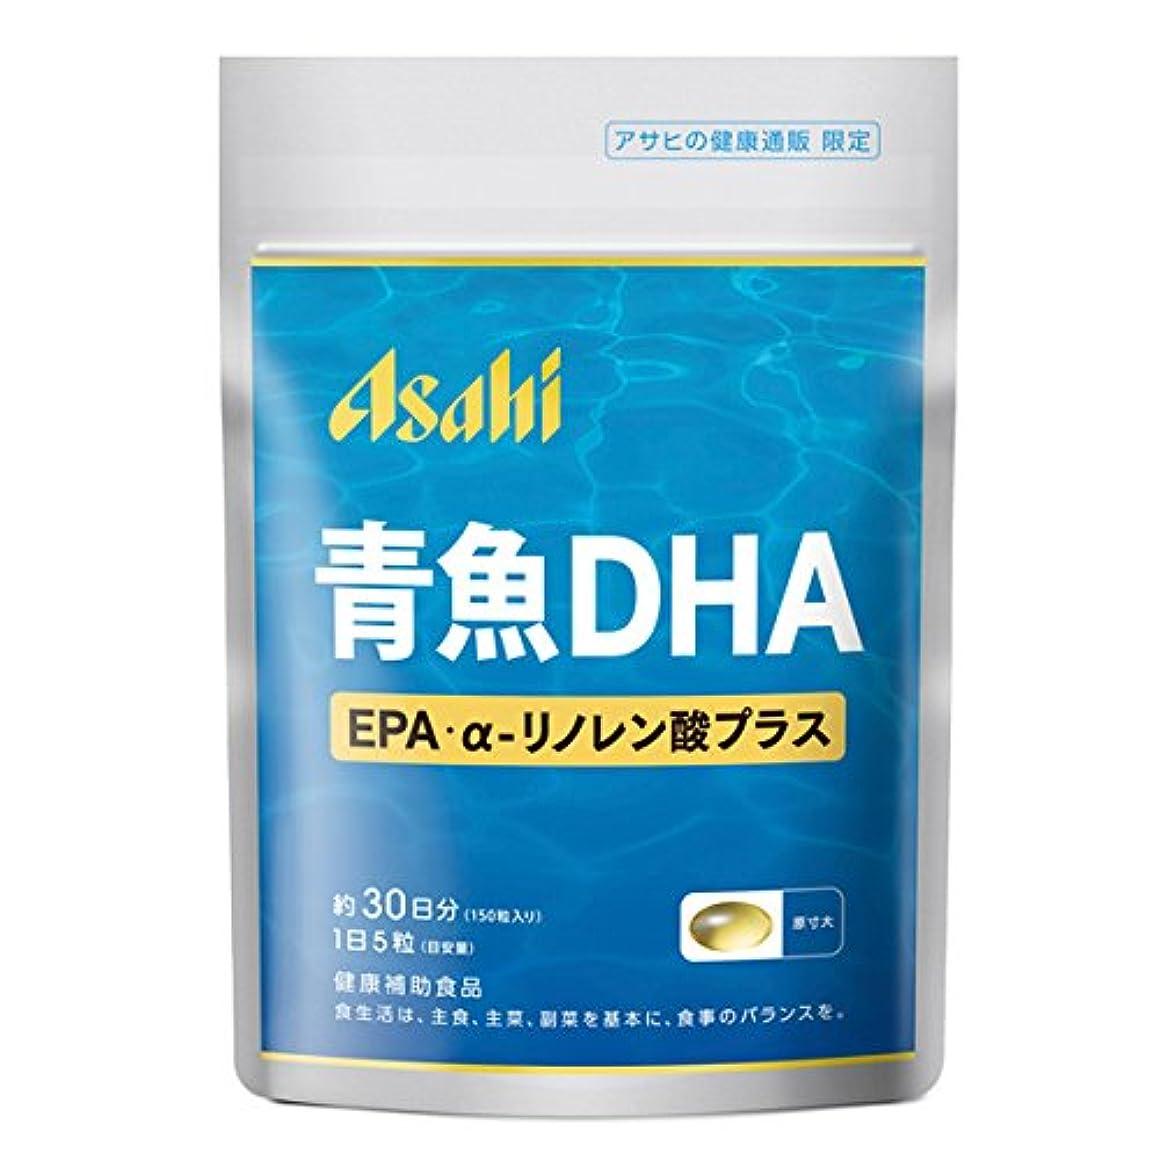 趣味してはいけません裁定ASAHI(アサヒ) 青魚DHA EPA?α-リノレン酸プラス